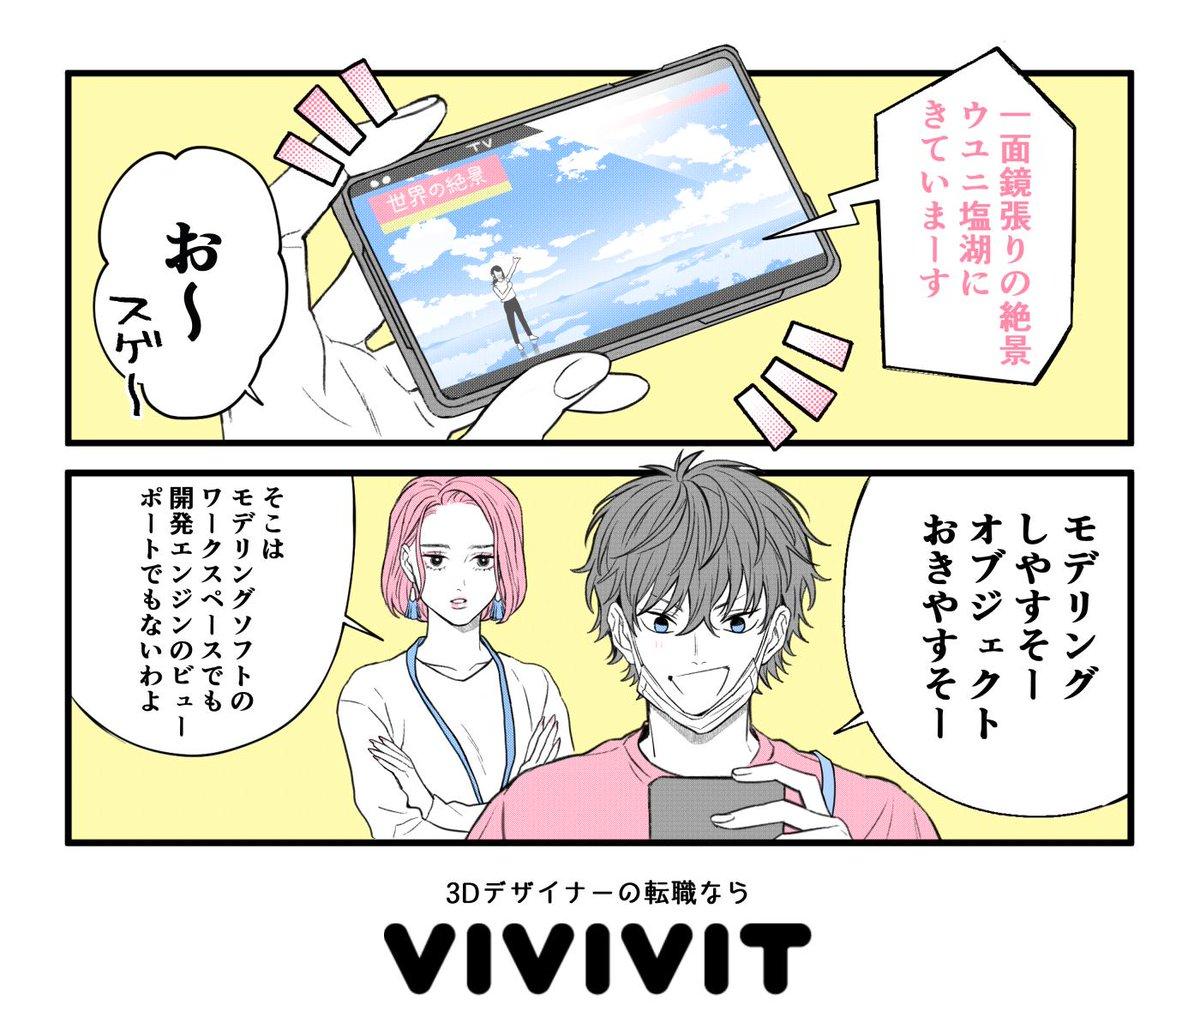 またまた『ビビビット』さんのPR漫画描かせていただきました!今回は「これだからゲーム作りはやめられない!」のキャラで参戦です!デザイナー職での転職をお考えの方は是非覗いてみてください! #vivivit_chuto #PR